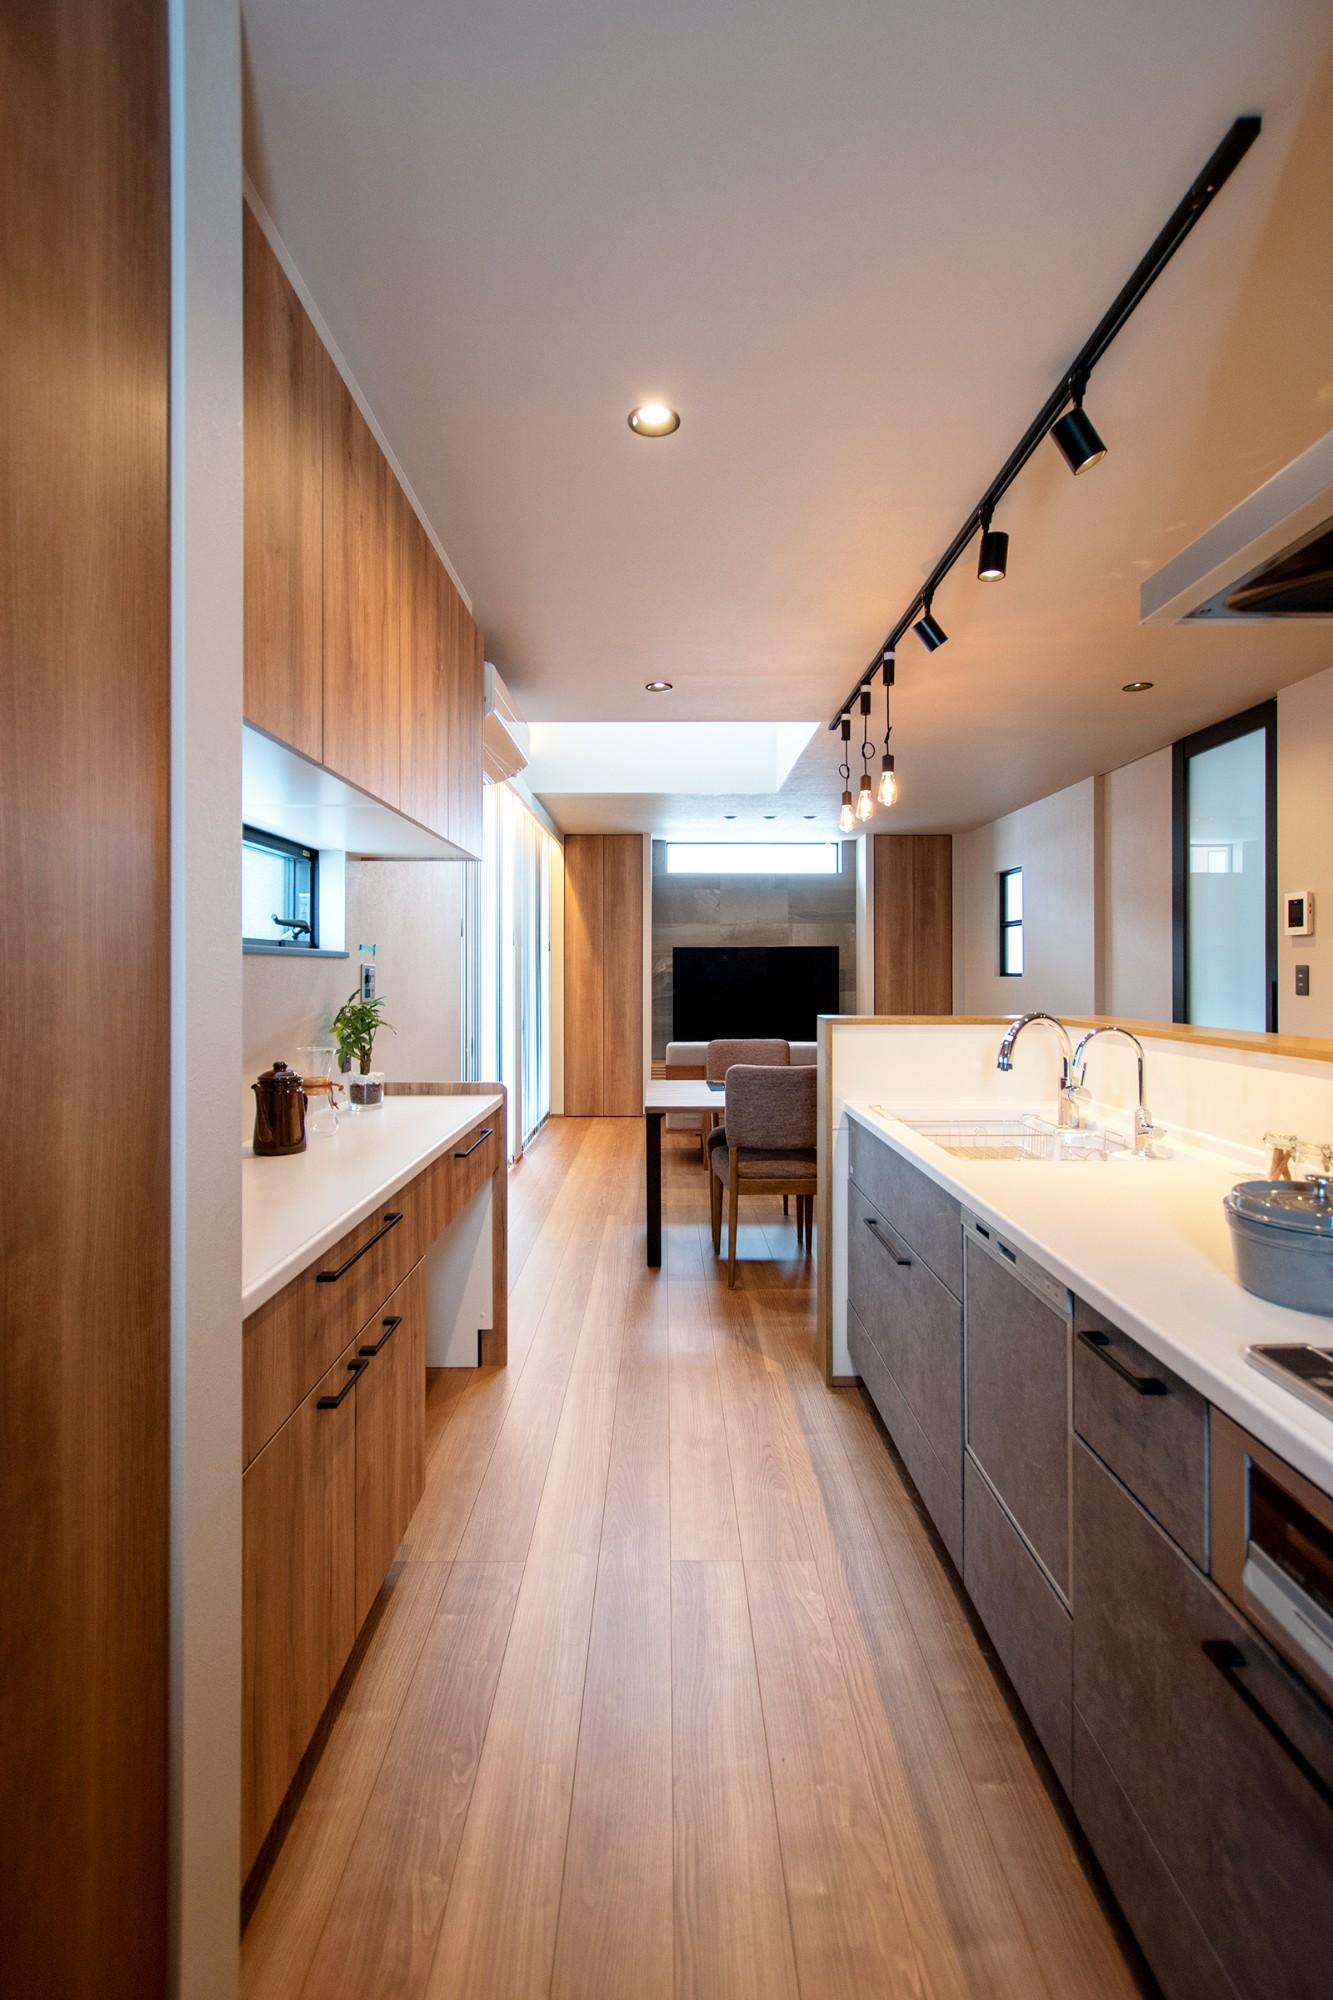 DETAIL HOME(ディテールホーム)「光が降りそそぐ開放感のある家」のシンプル・ナチュラルなキッチンの実例写真